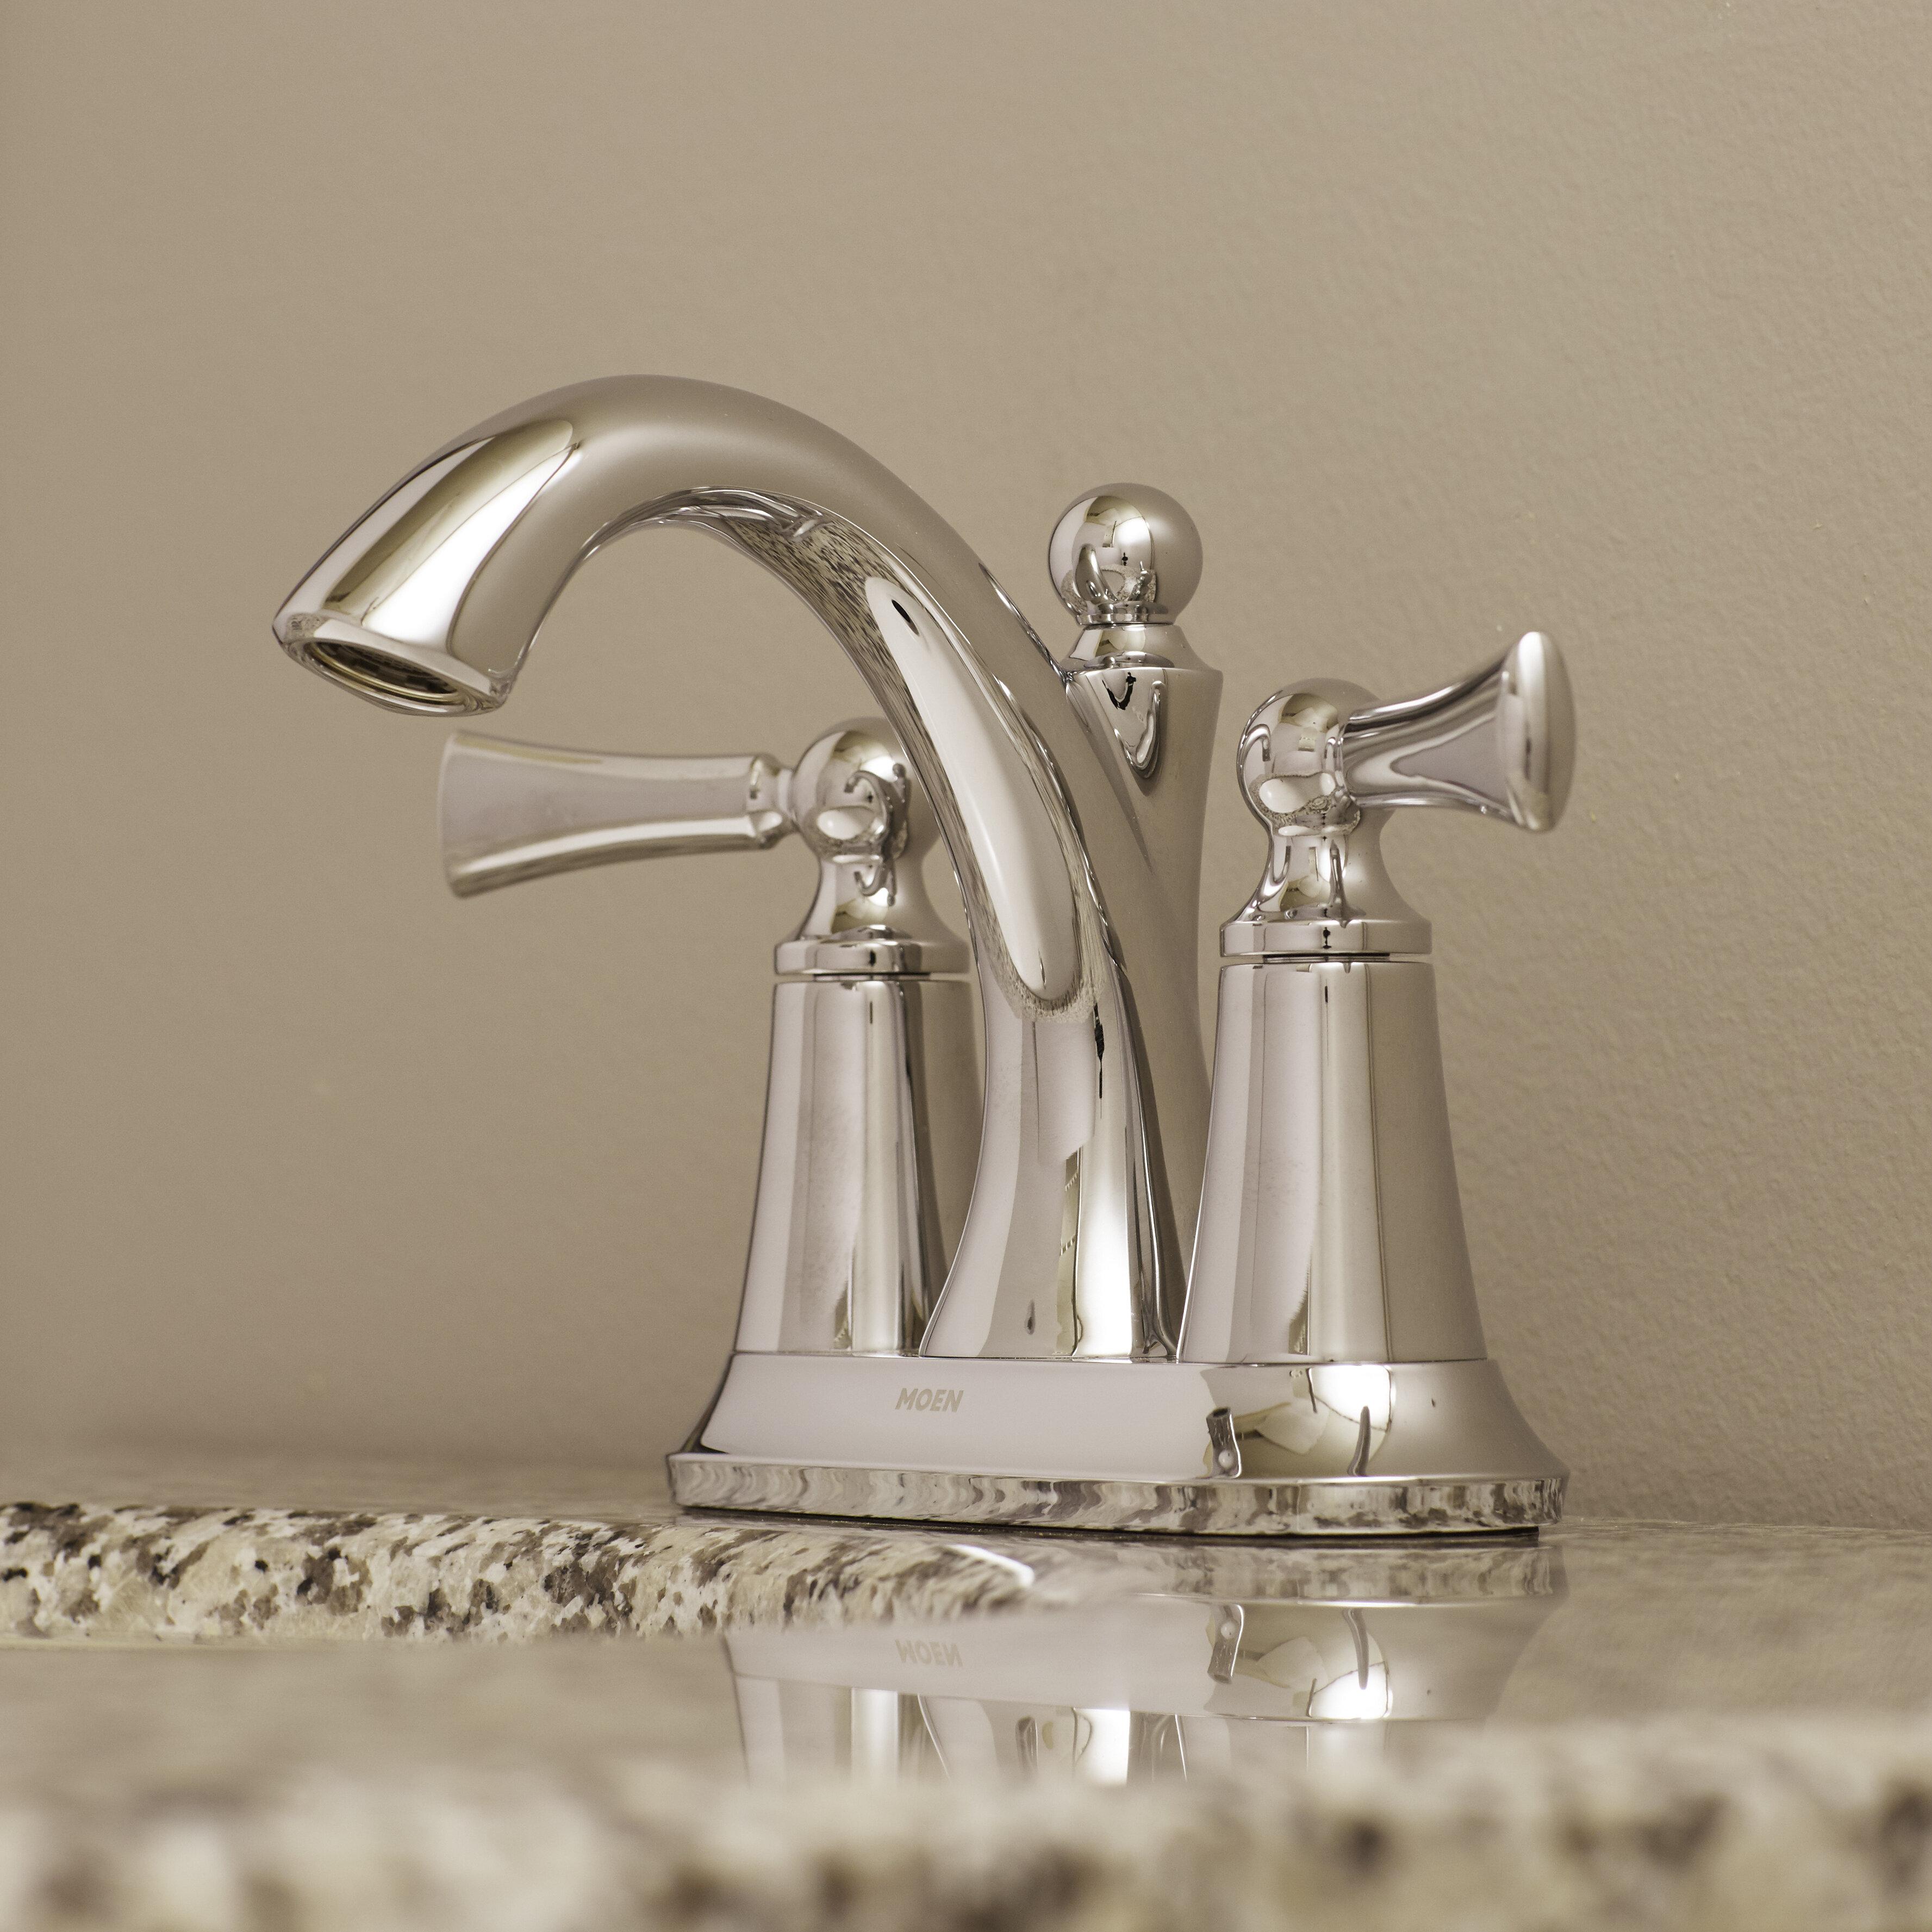 Moen Wynford Centerset Faucet & Reviews | Wayfair